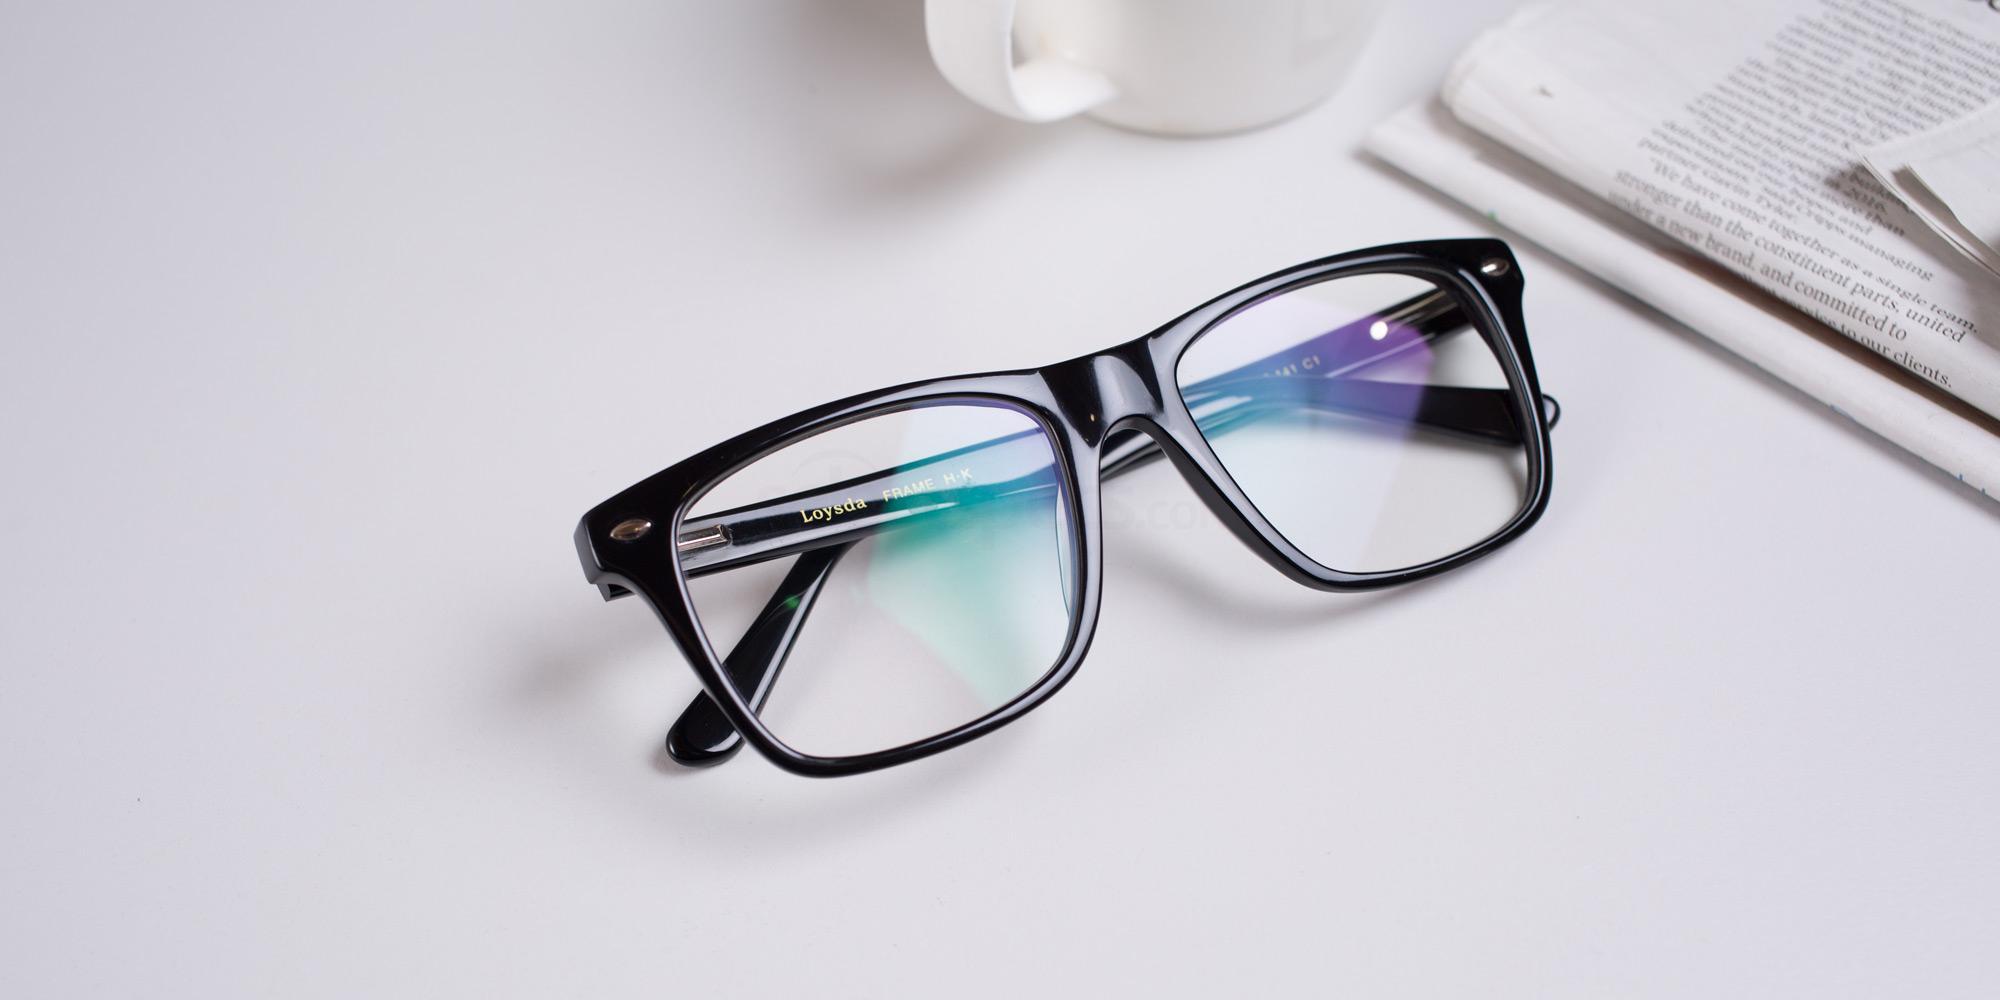 Hallmark-8812-black-thick-square-prescription-glasses